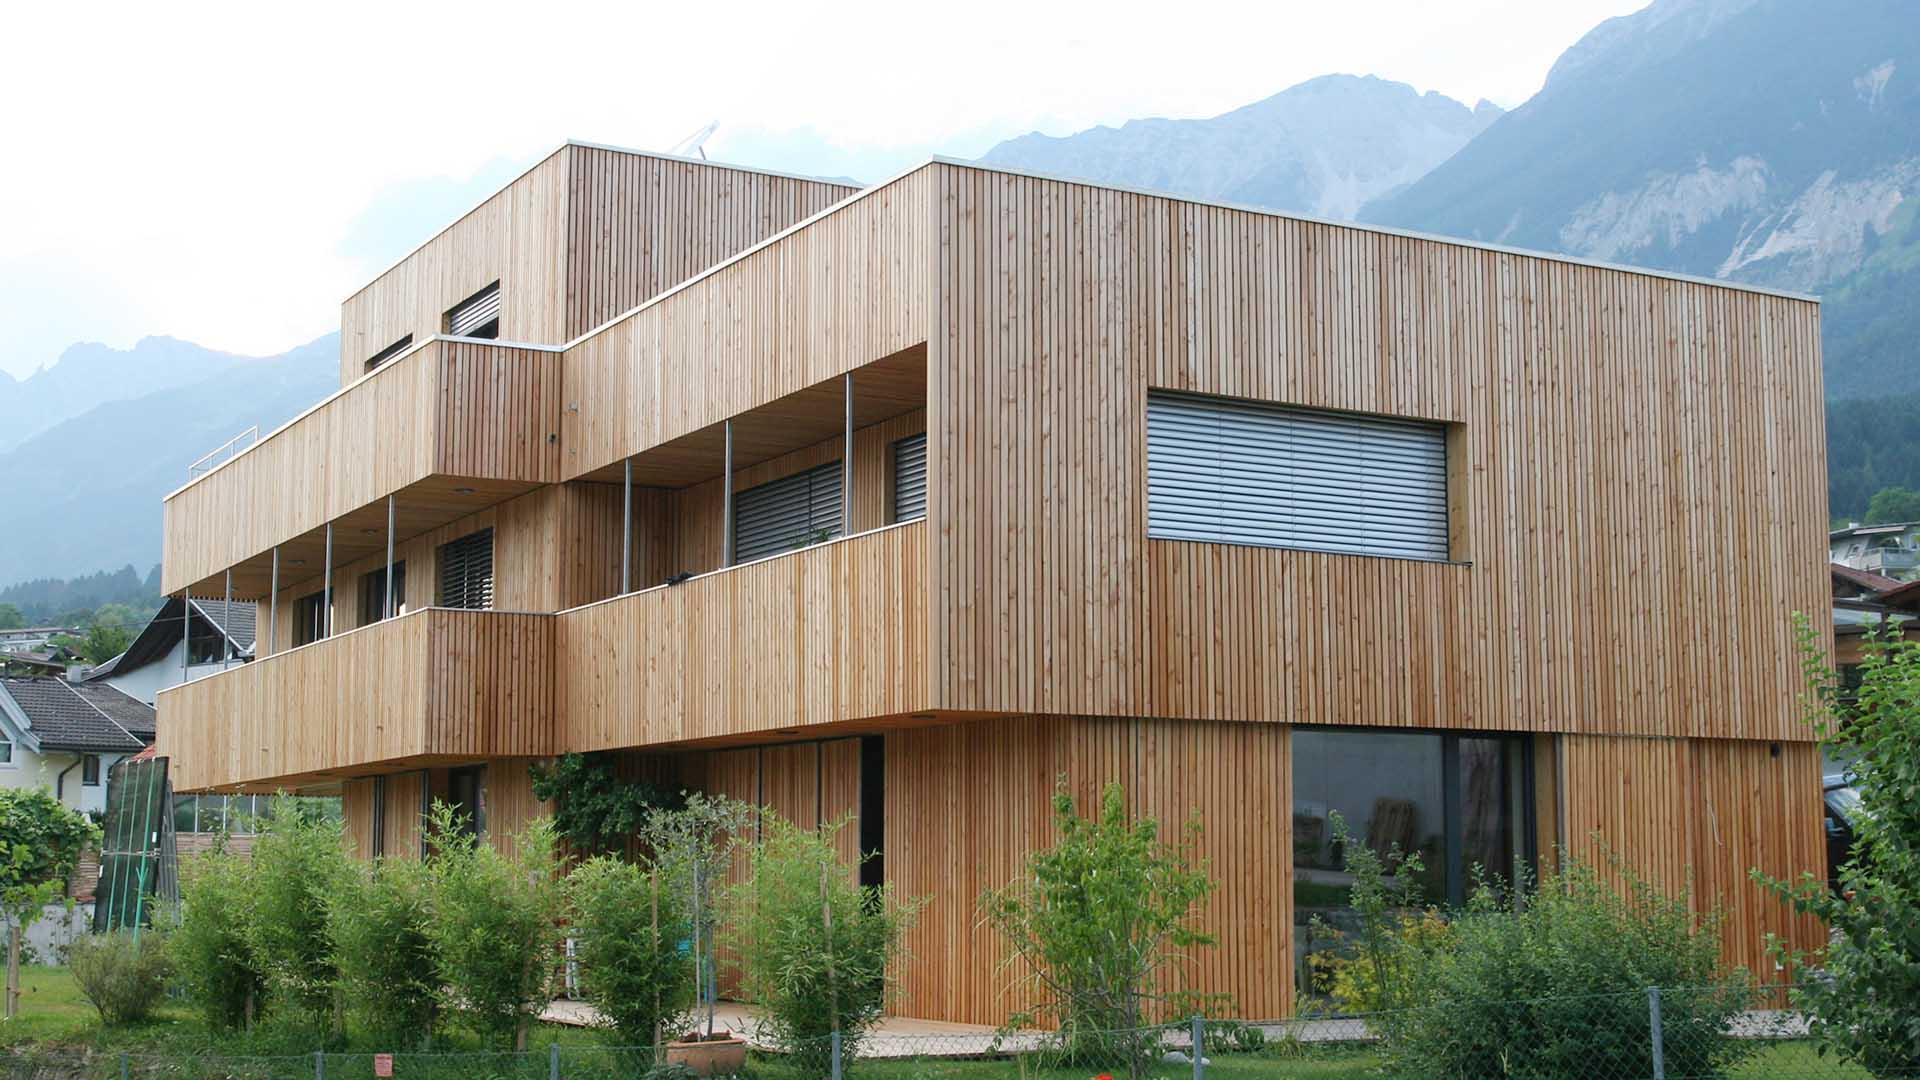 mazzocchi legno - esempio struttura in legno